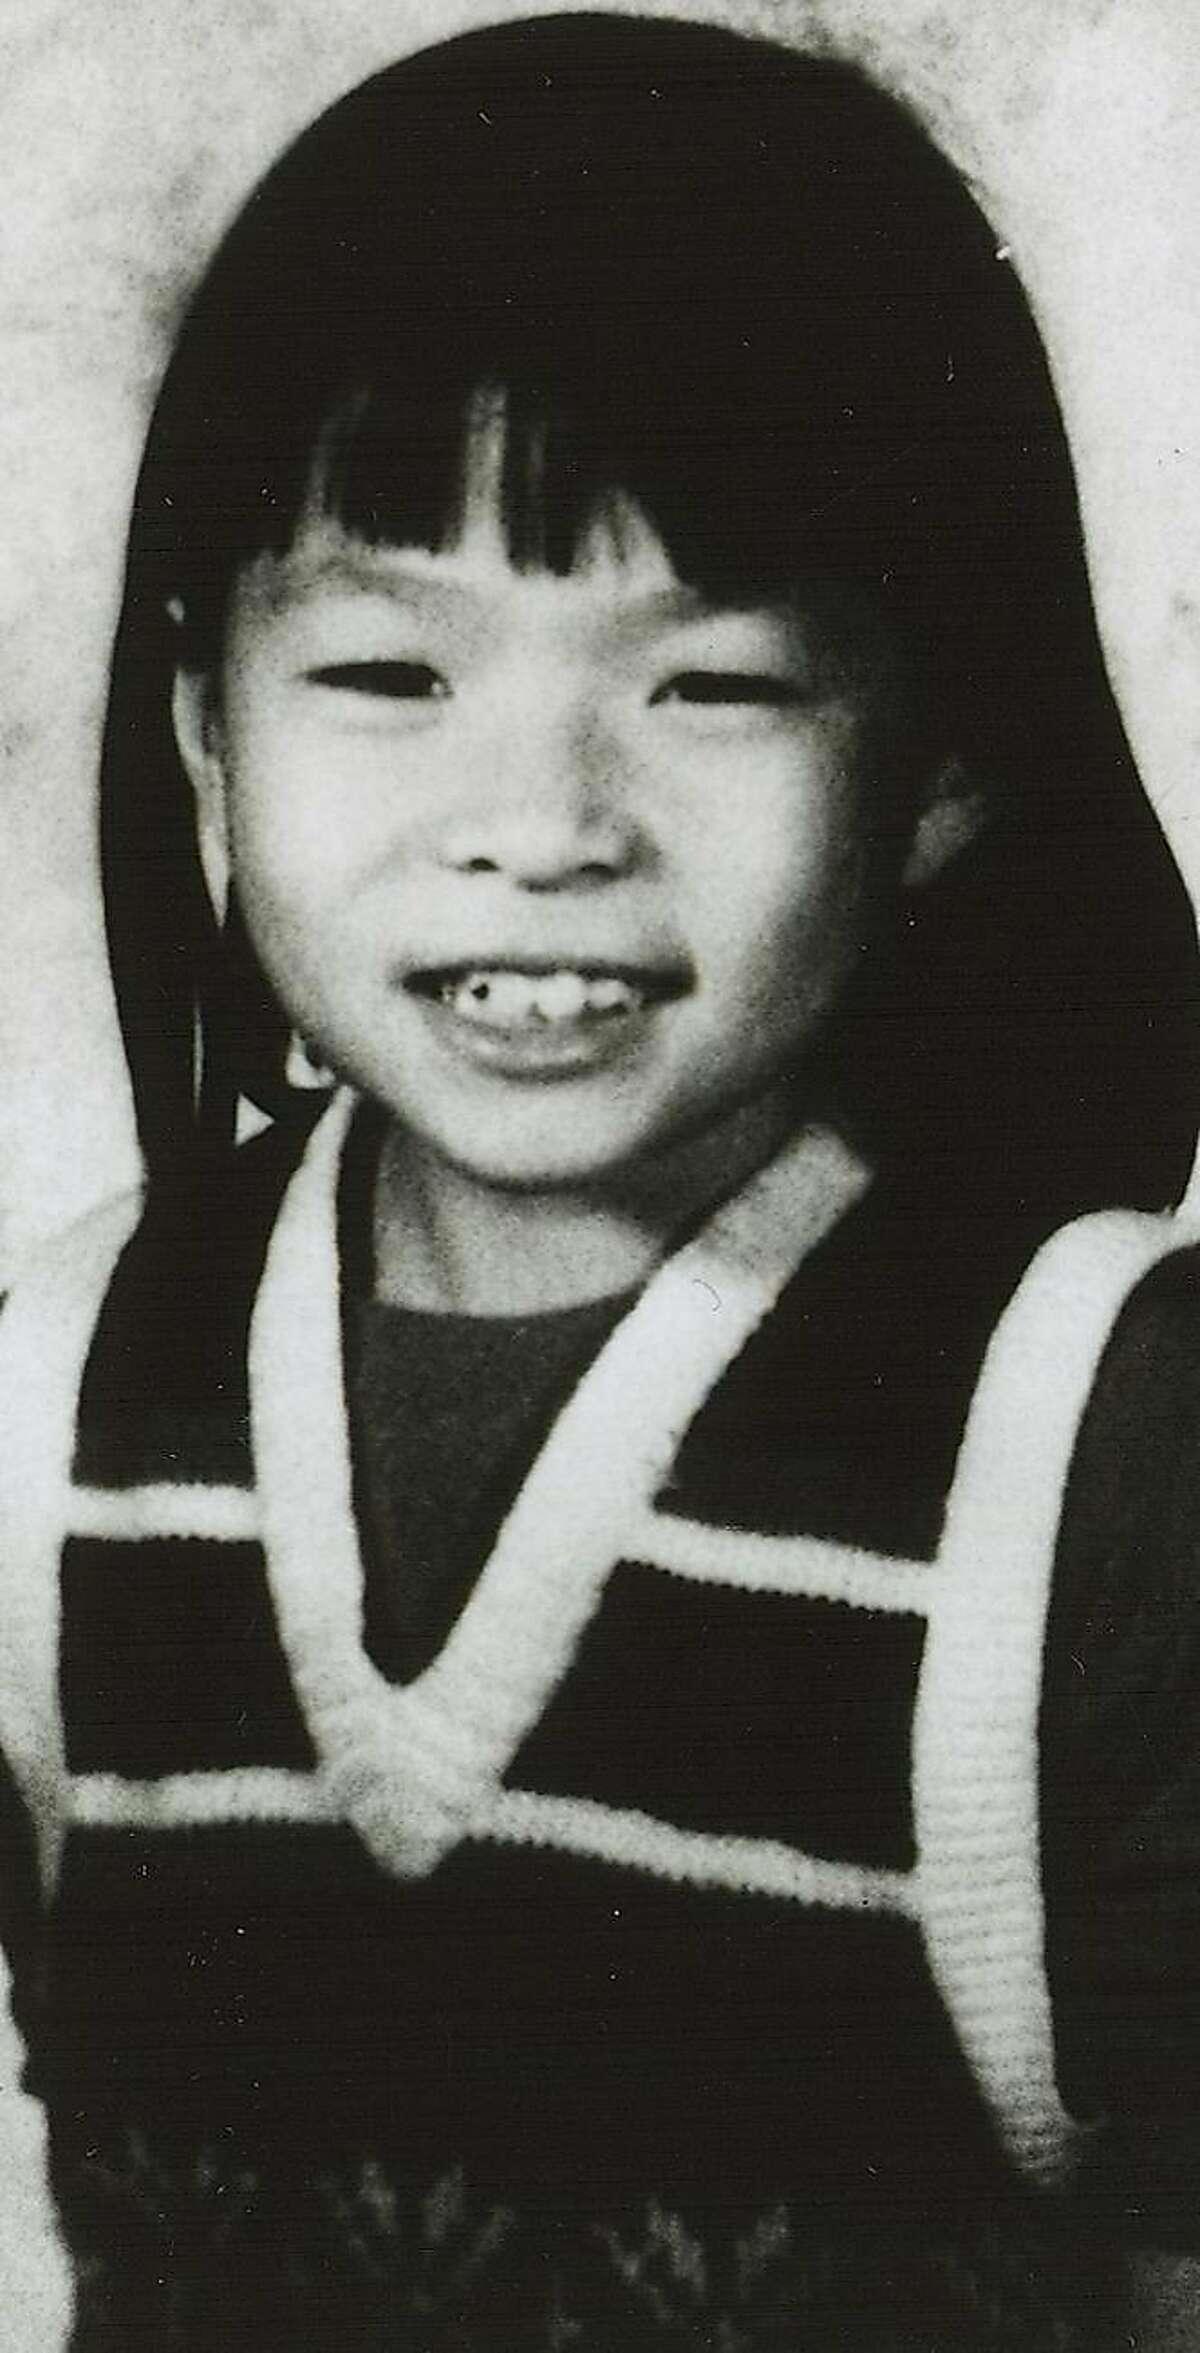 Ramirez_01.jpg Linda Mei Leung, nine-year-old slain girl.